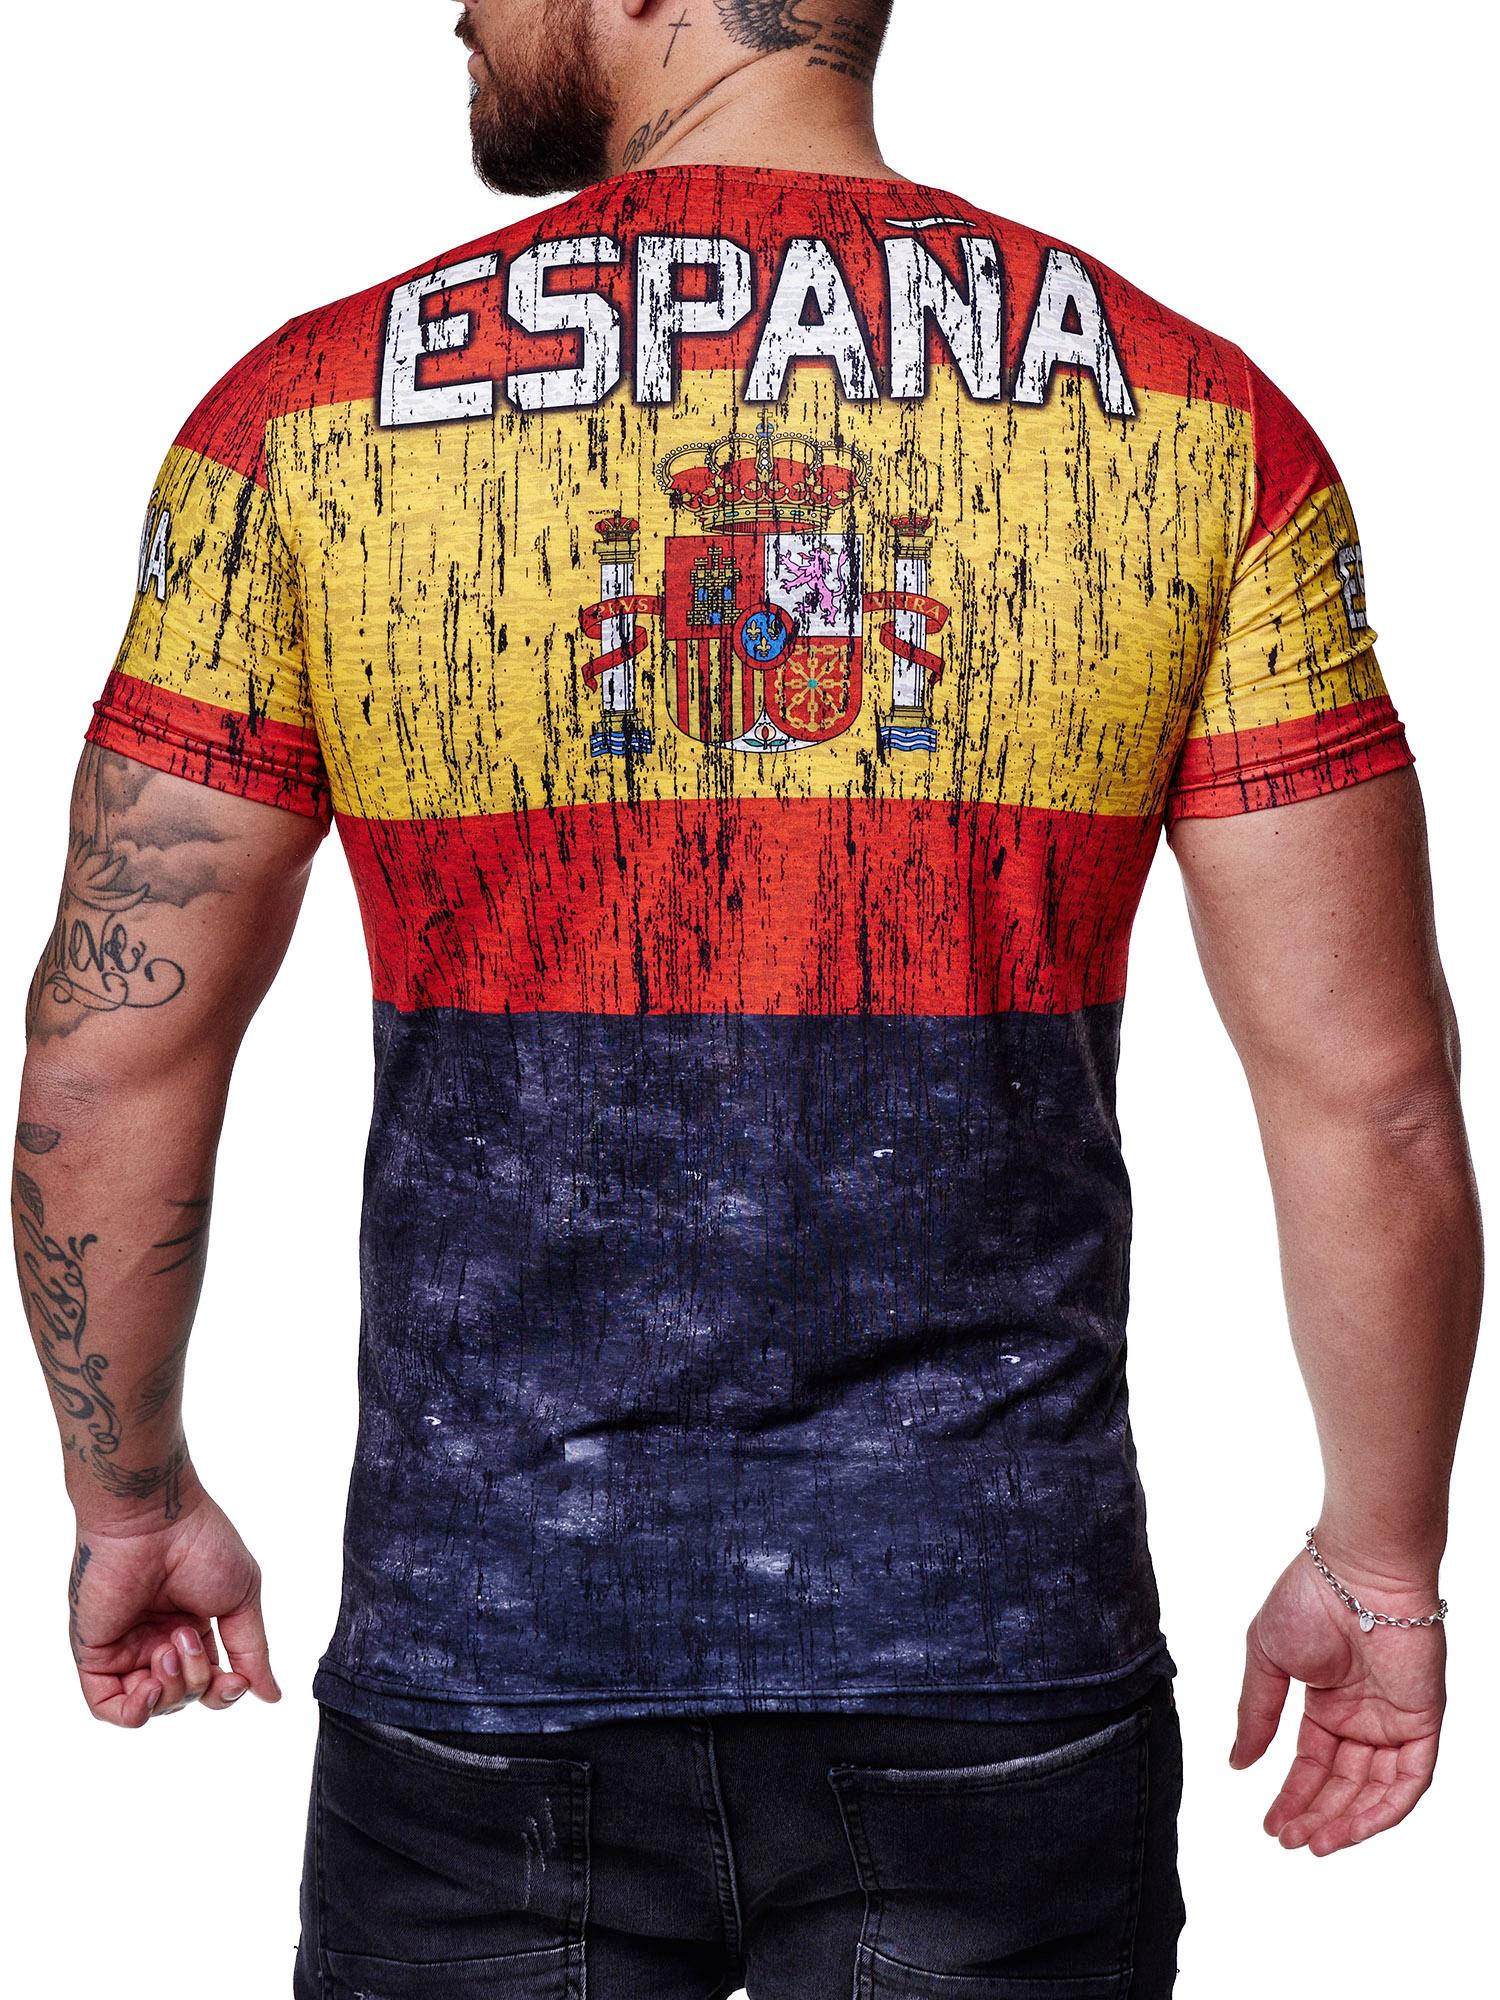 Paesi-da-Donna-T-shirt-A-Maniche-Corte-Girocollo-donne-CALCIO-Fanshirt-John-Kayna miniatura 110